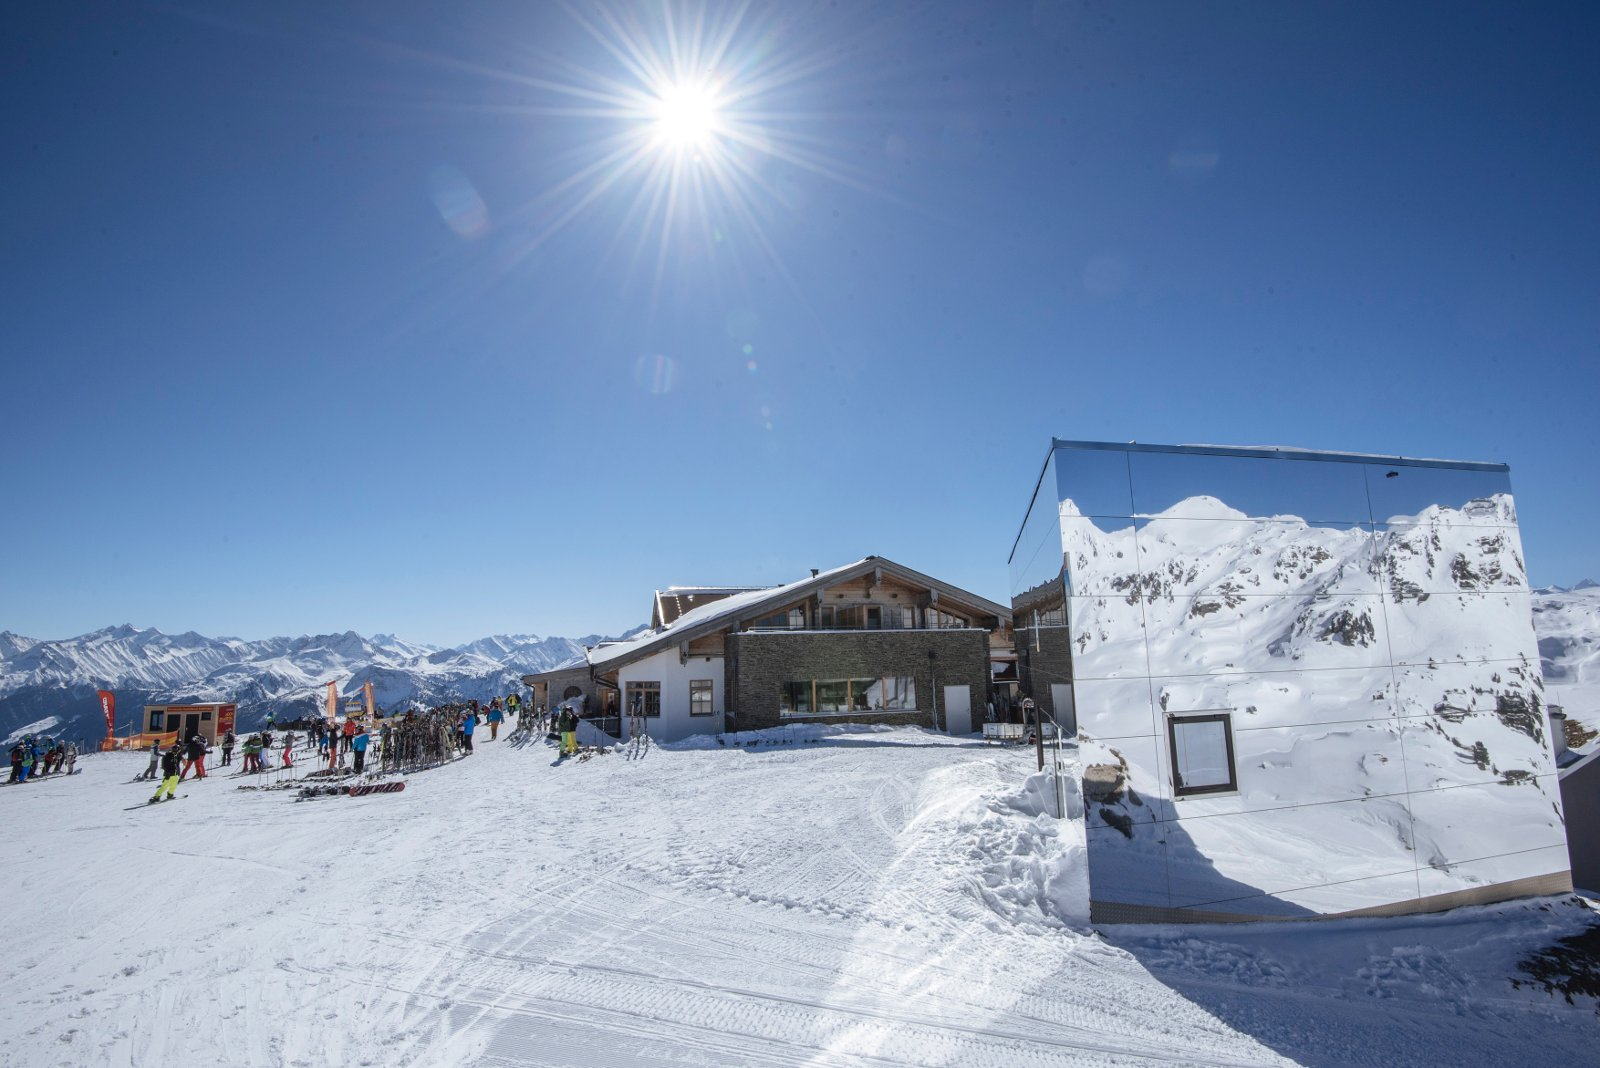 Sonne, Schnee, Skifahren! Raus aus den dicken Daunenjacken und rein ins Vergnügen: Im Zillertal sieht man schneeweissen Hängen, bestens präparierten Pisten und wärmenden Sonnenstrahlen entgegen. Die Ferienregion im Tirol lockt mit unzähligen Sonnenterassen, einzigartigem Panorama und kulinarischen Köstlichkeiten. Für pures Skivergnügen sorgen 530 Pistenkilometer.